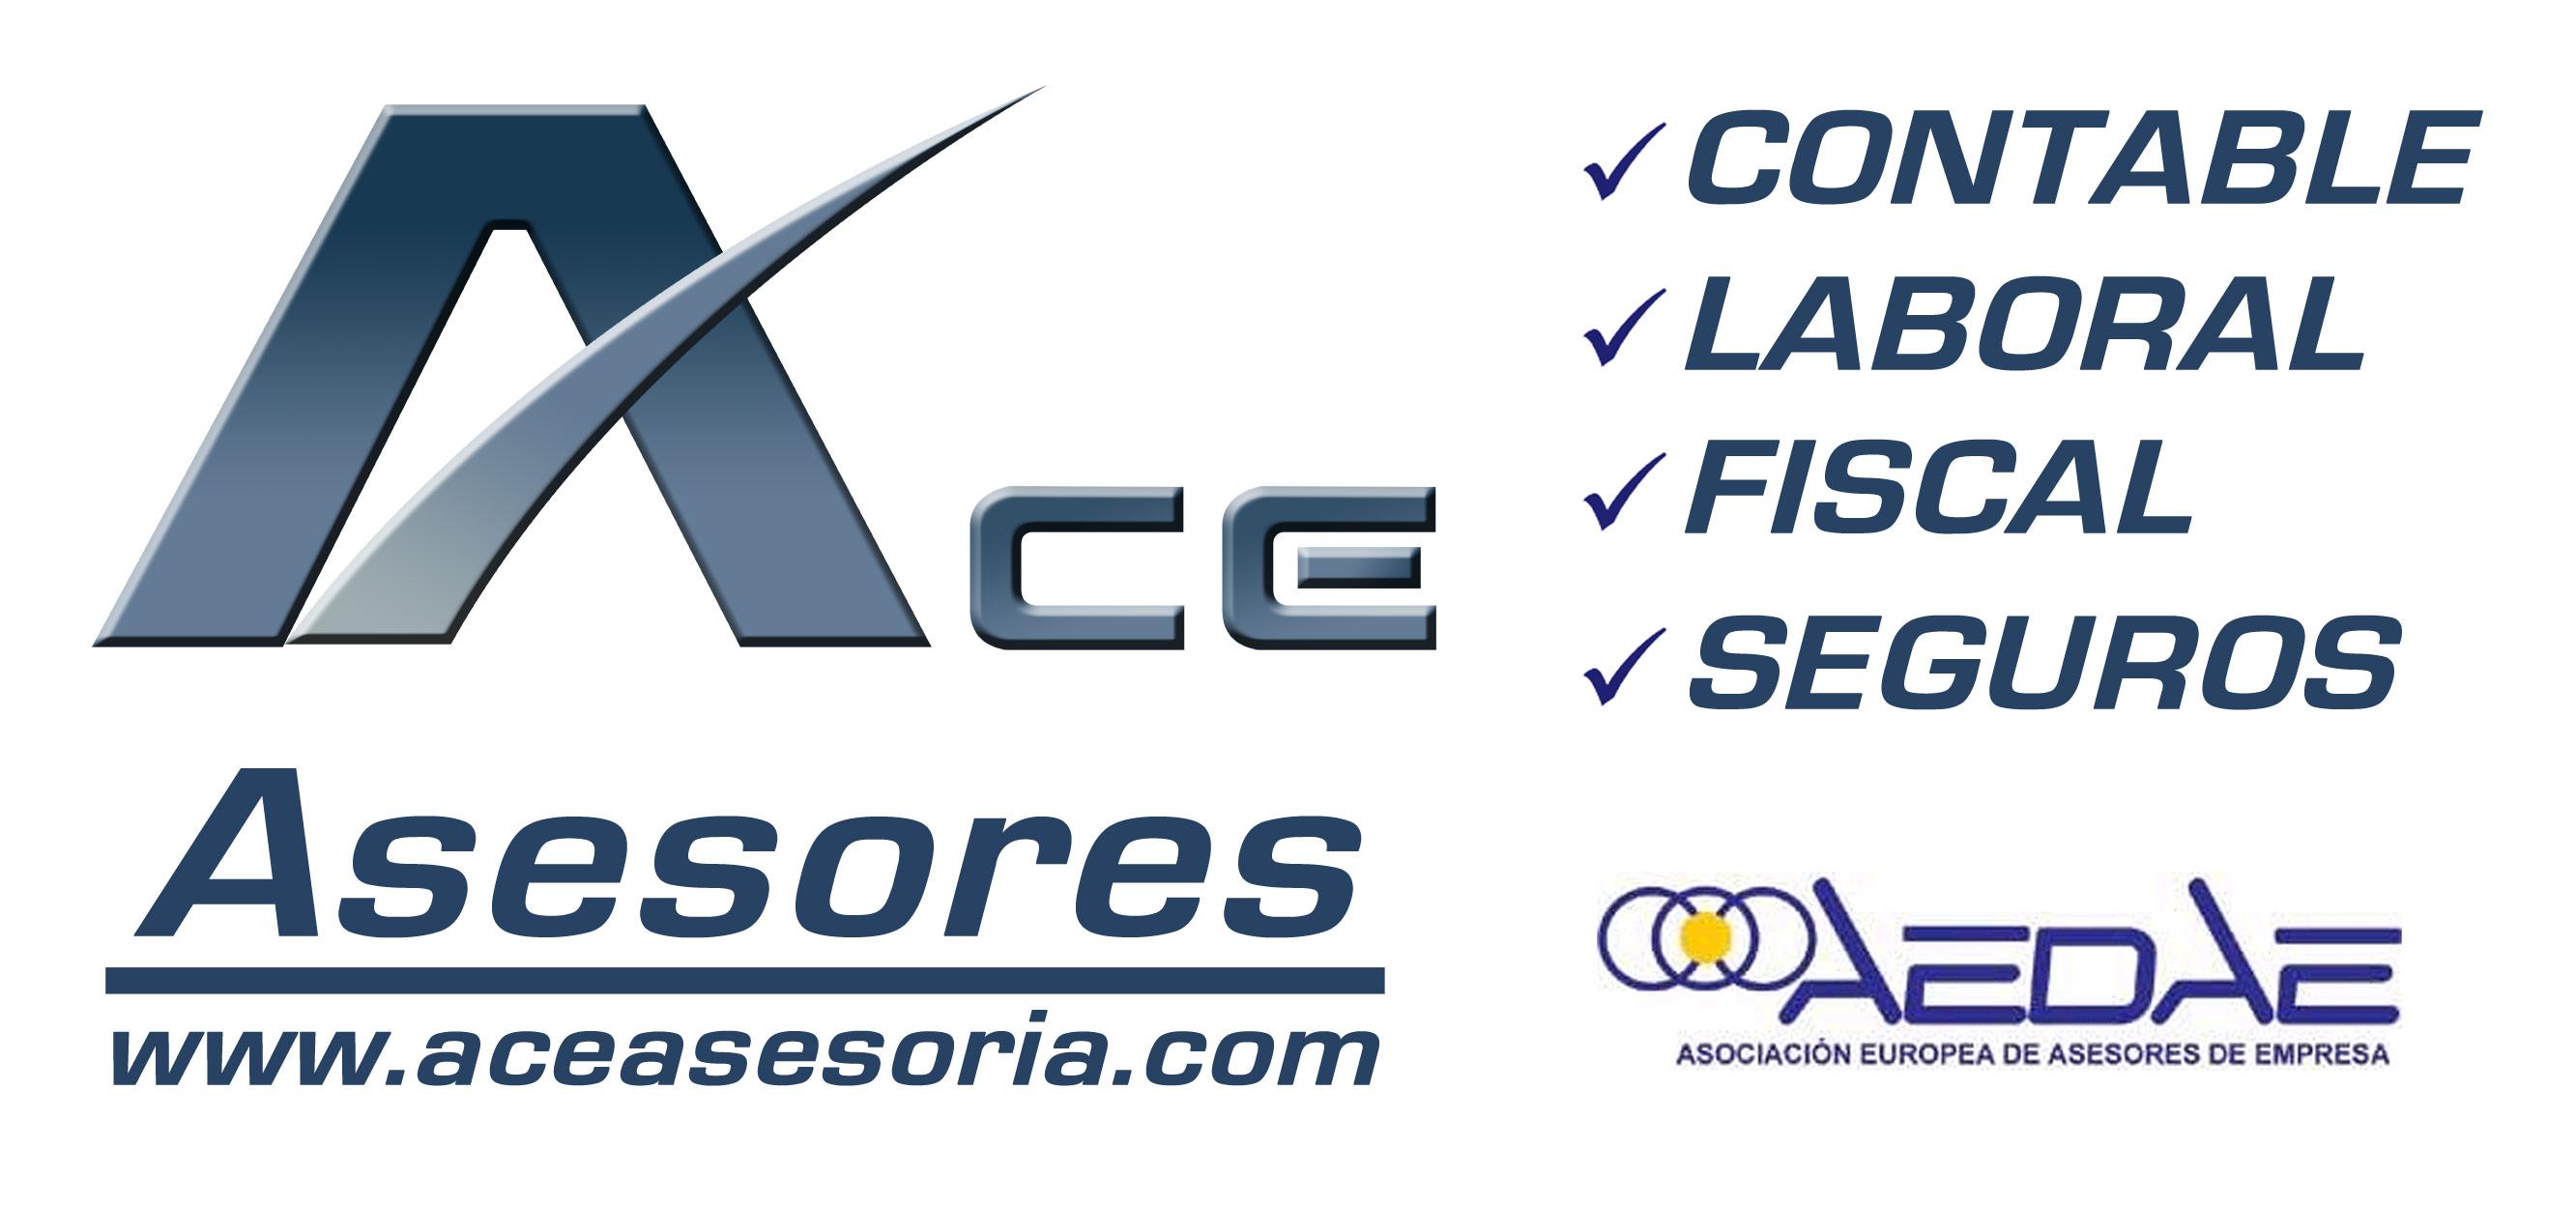 Ace Asesoria. NUESTRAS INSTALACIONES EN TRUJILLO